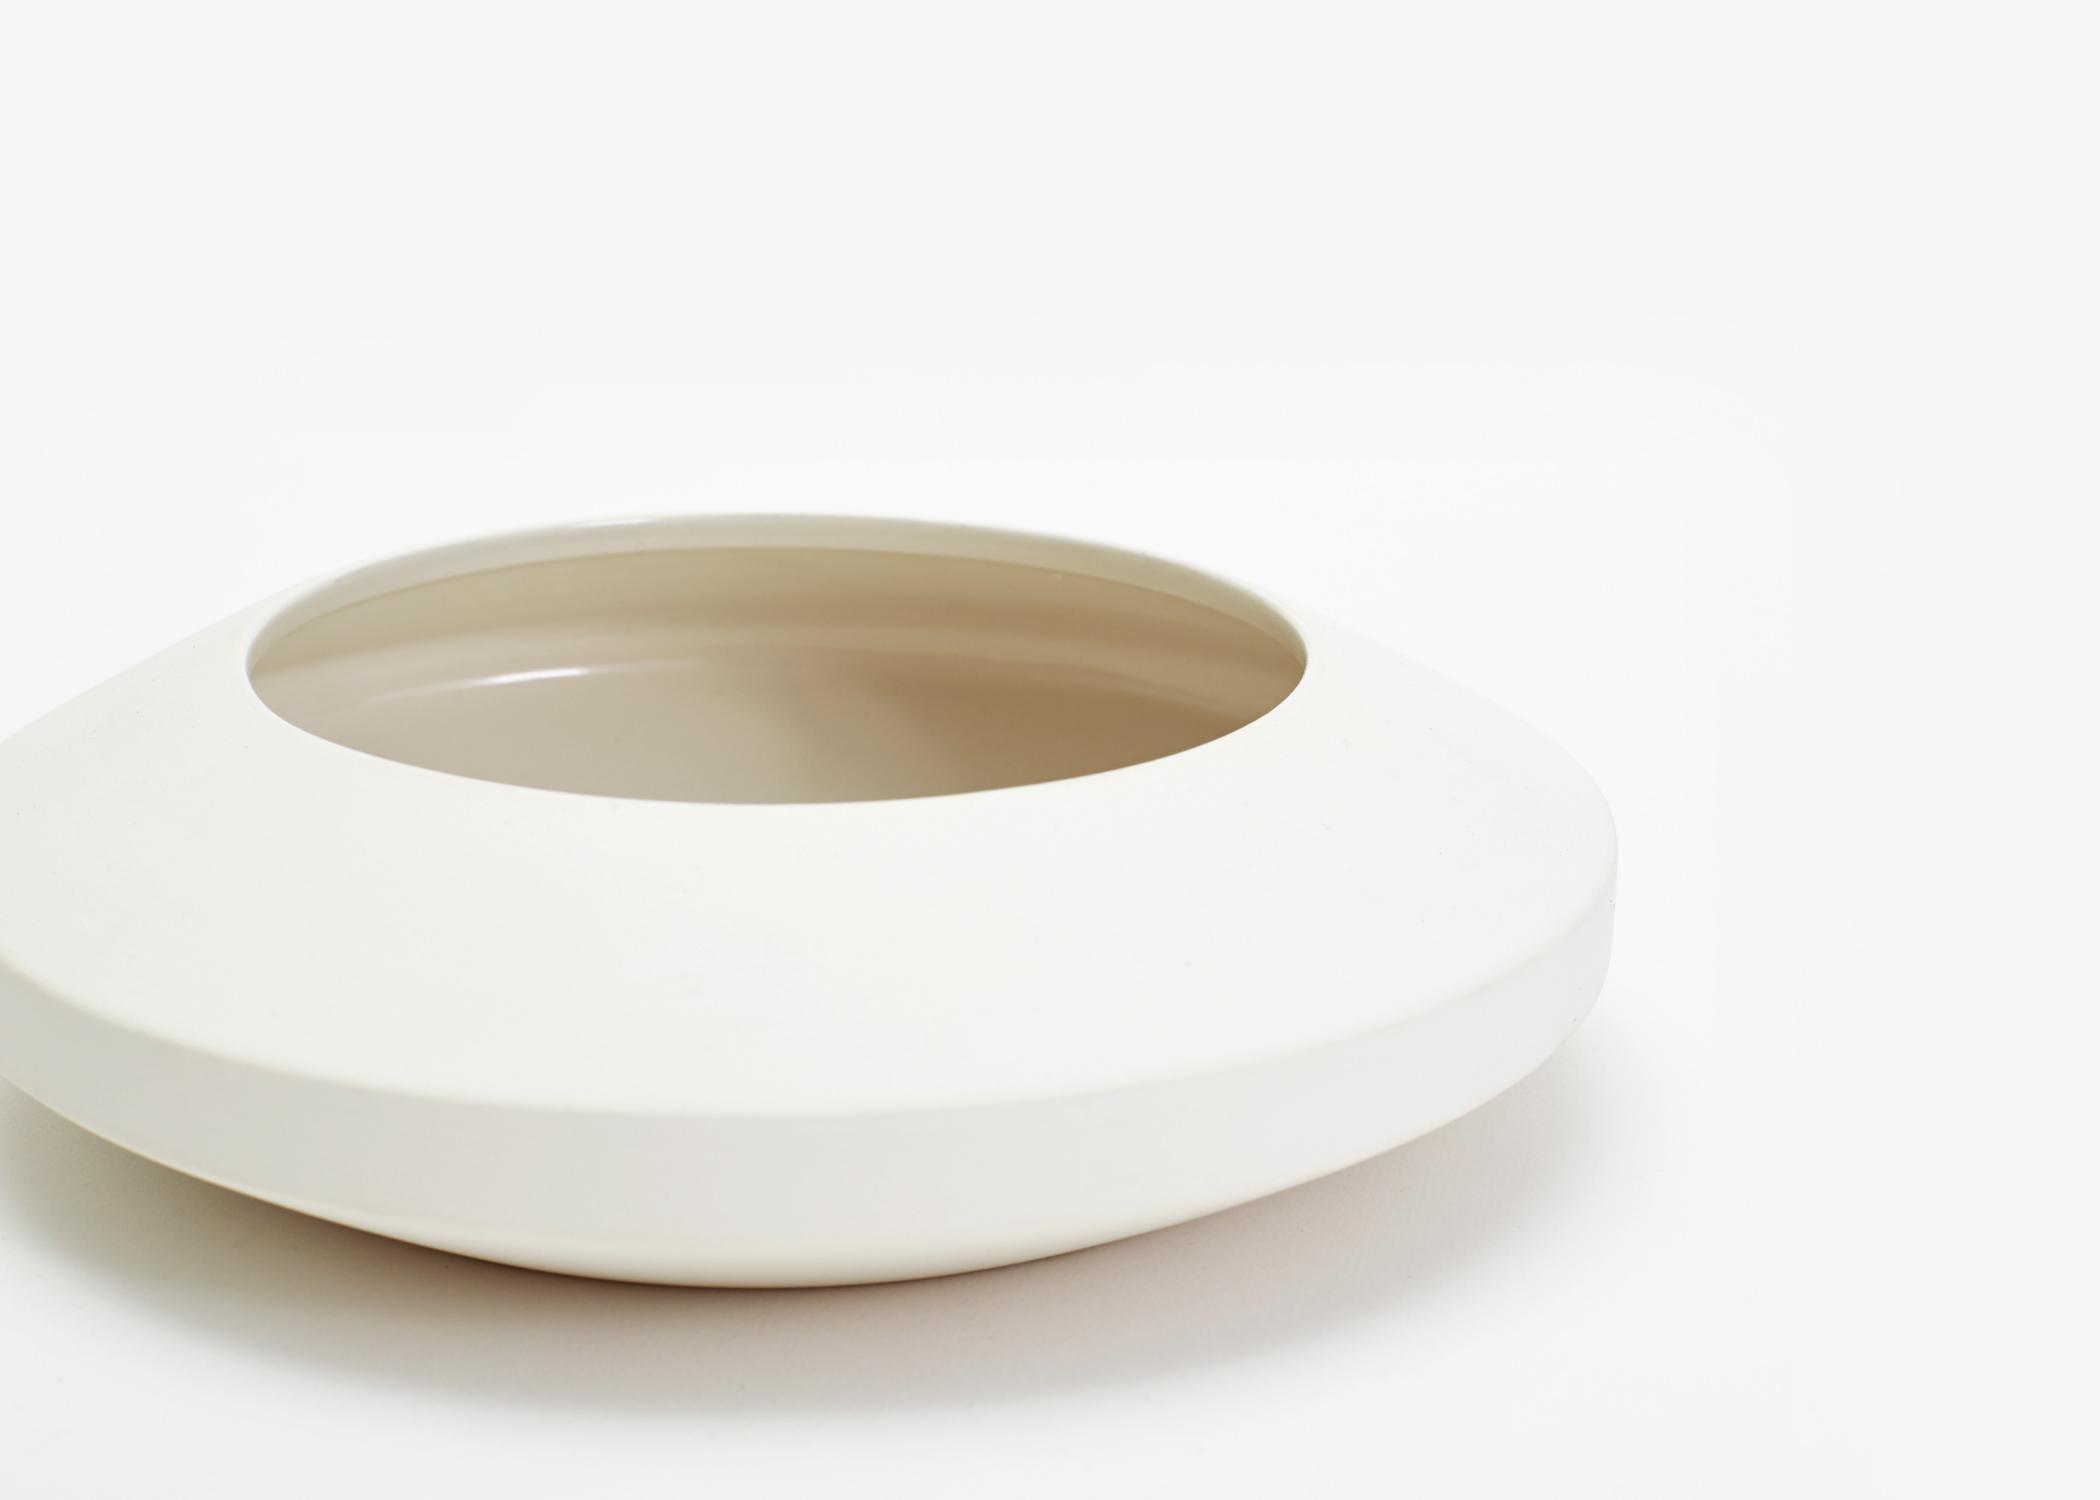 POS_RadialVessel-dish-silo-03-PORD.jpg